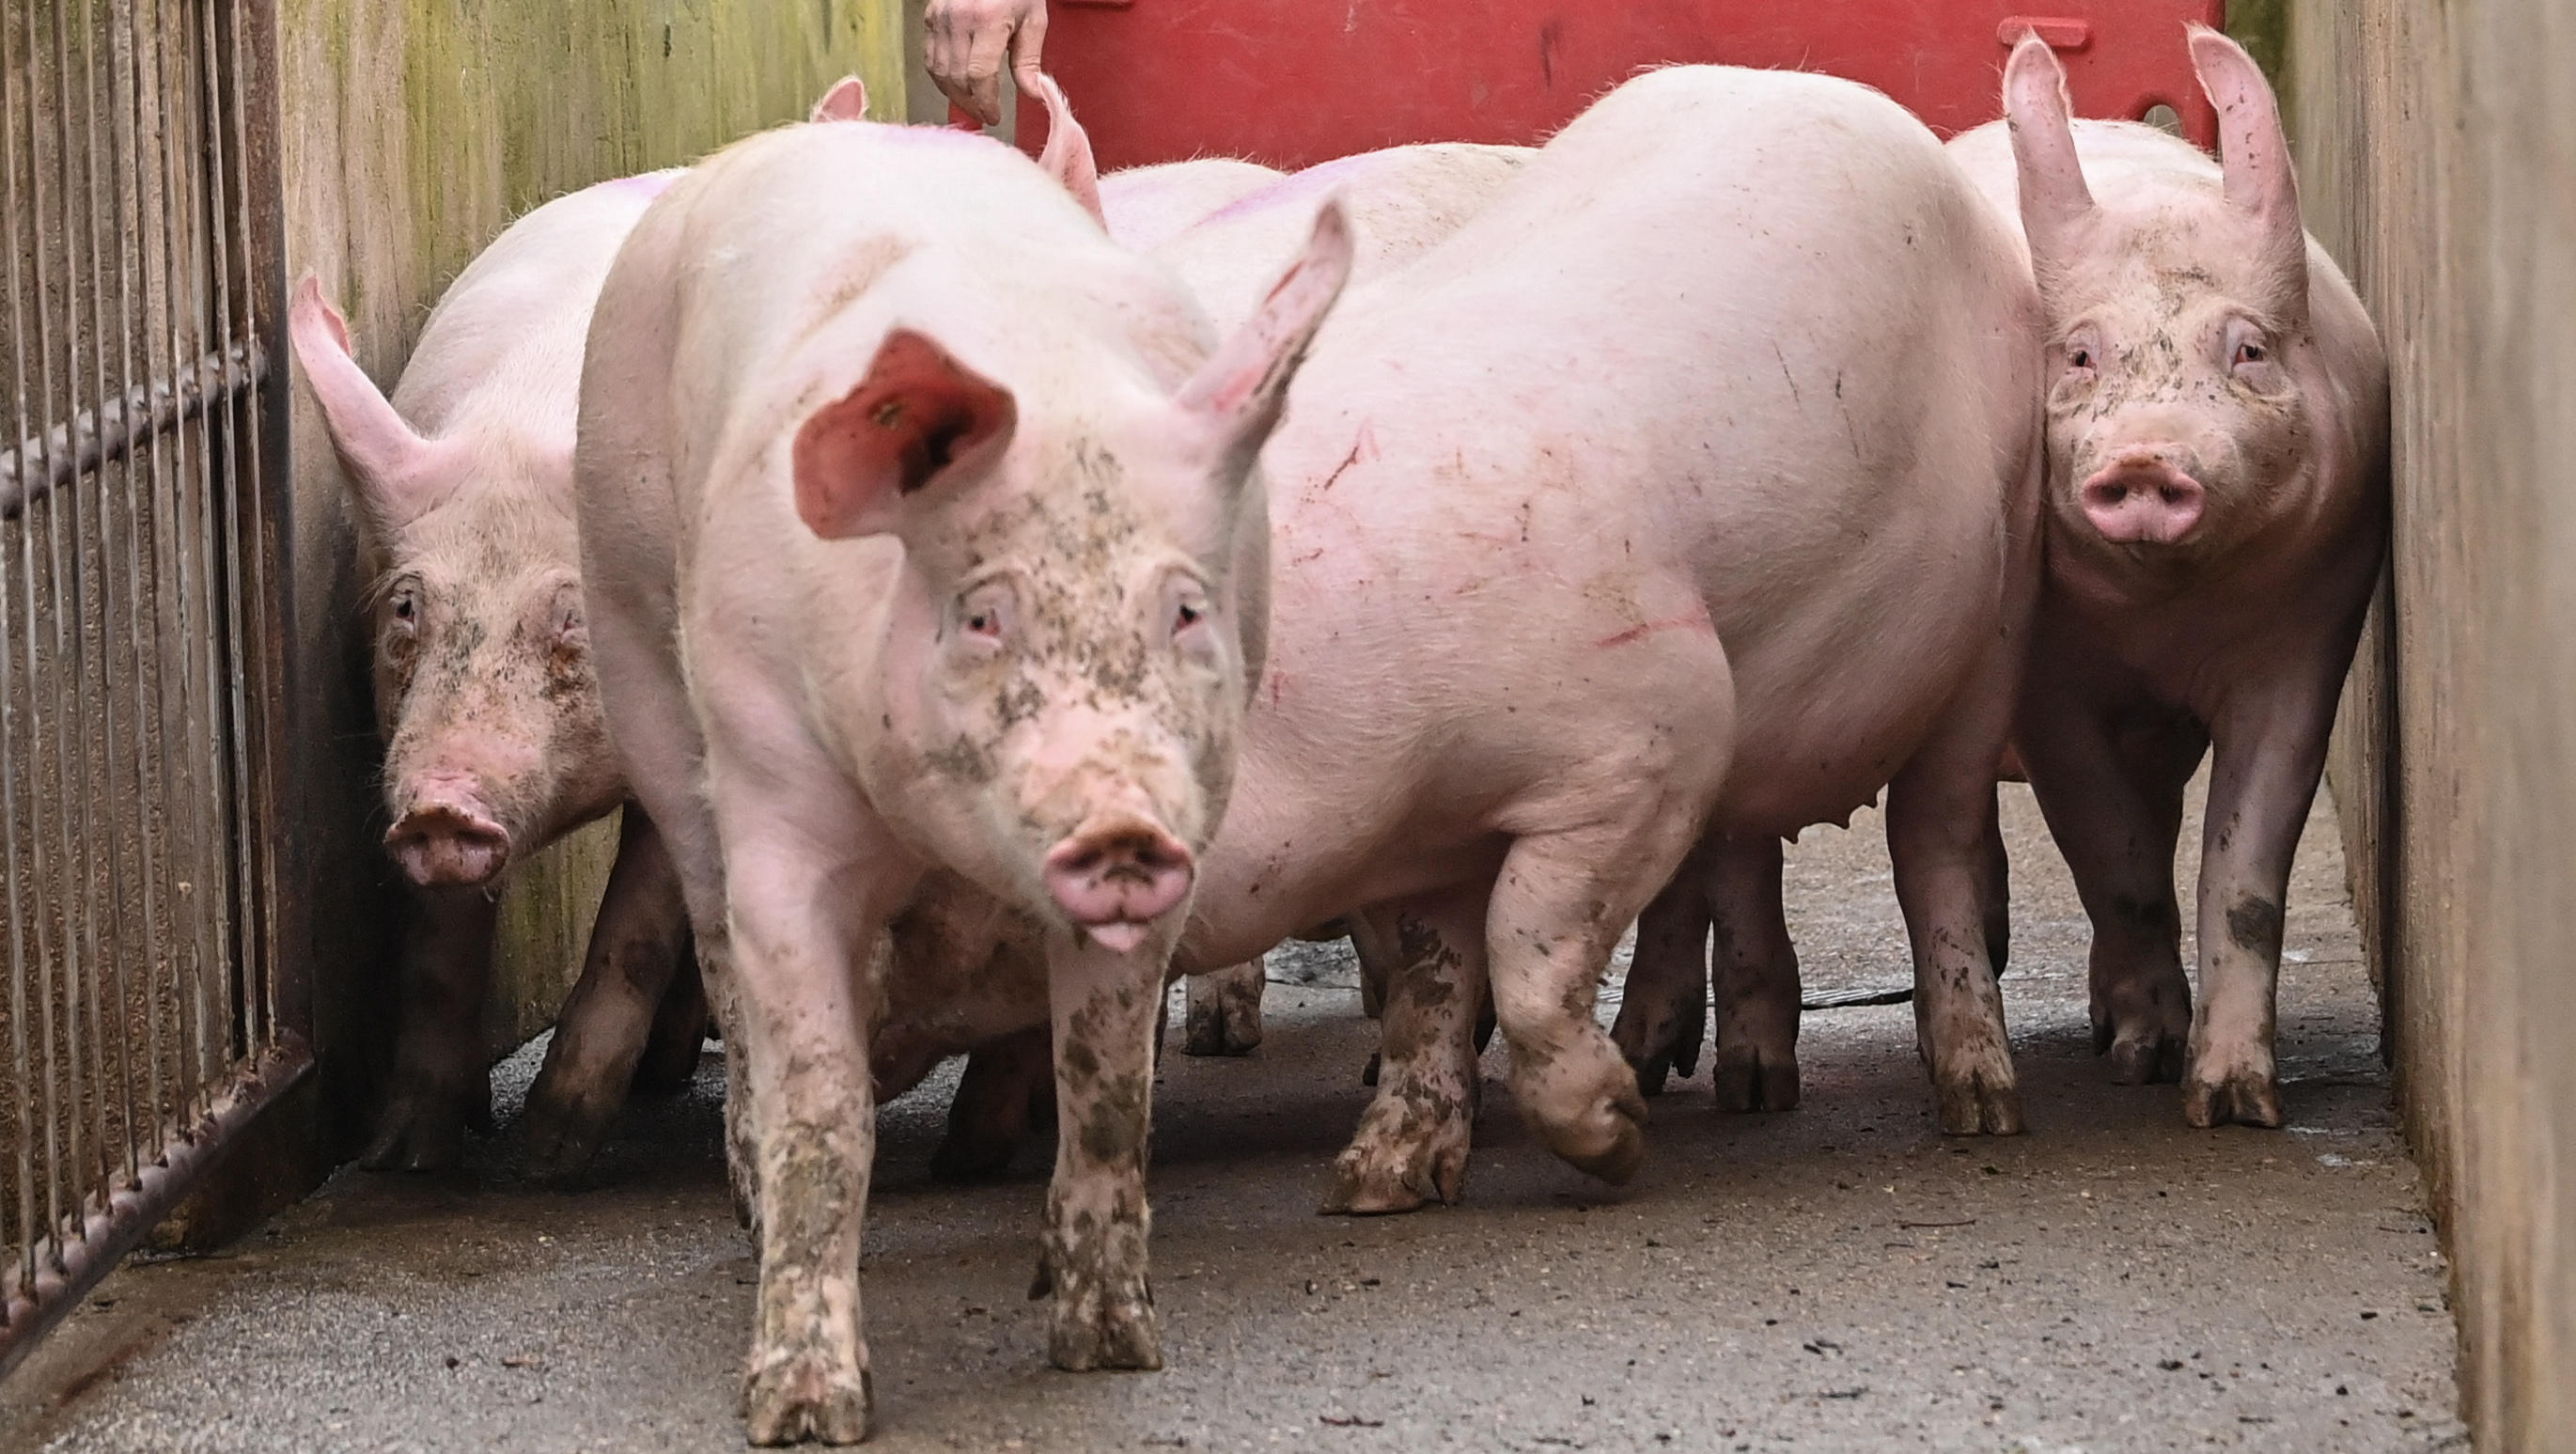 Erstmals Schweinepest bei deutschen Hausschweinen, Bauern fürchten Katastrophe